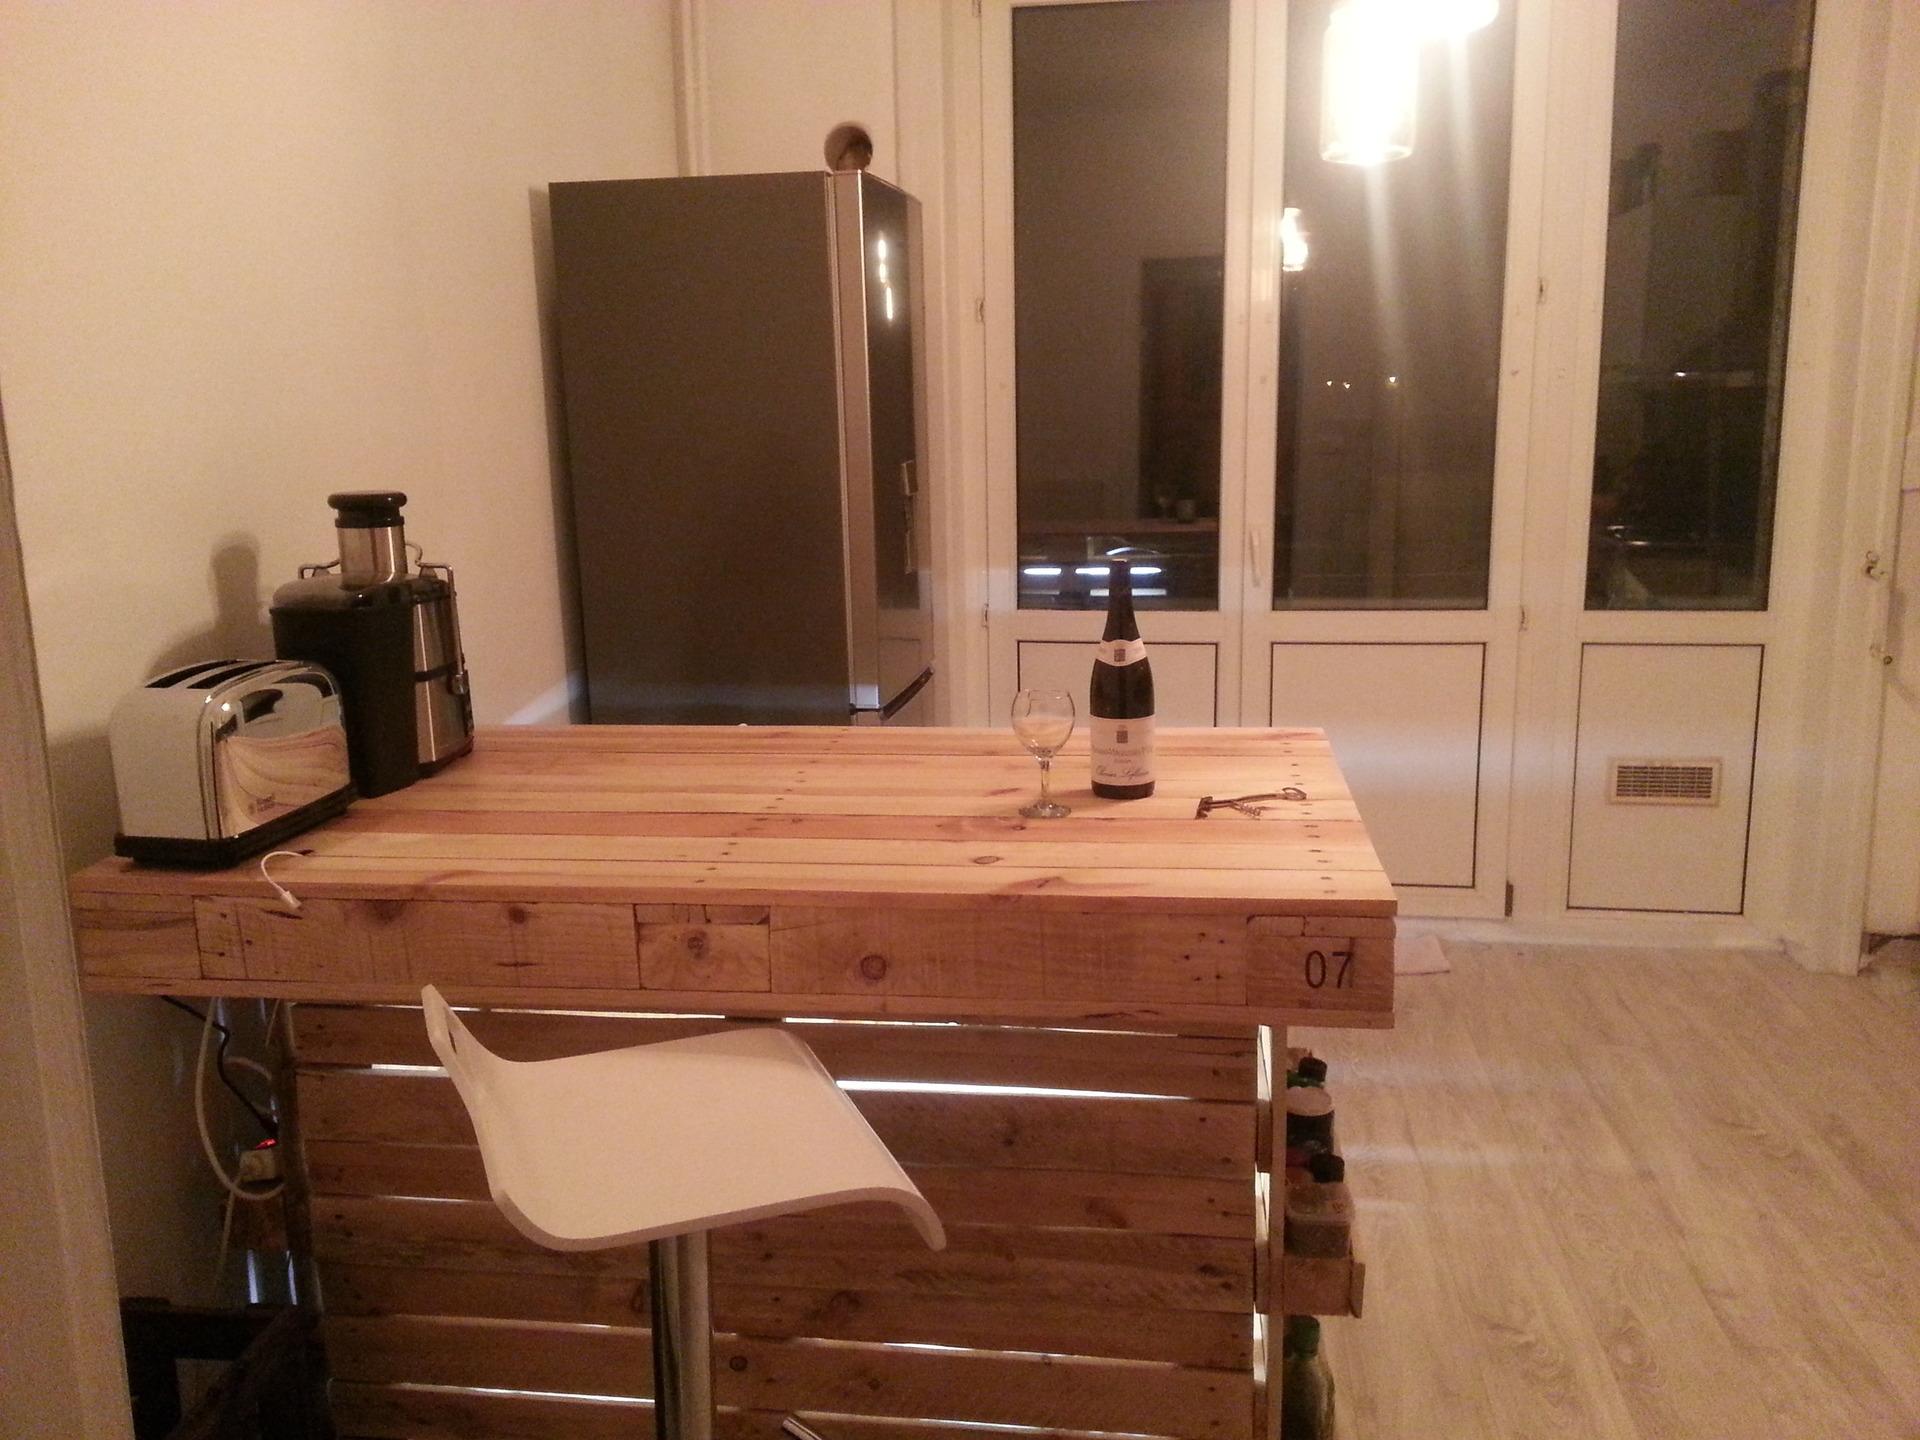 Meuble haut cuisine en palette id e pour cuisine - Cuisine en palette ...